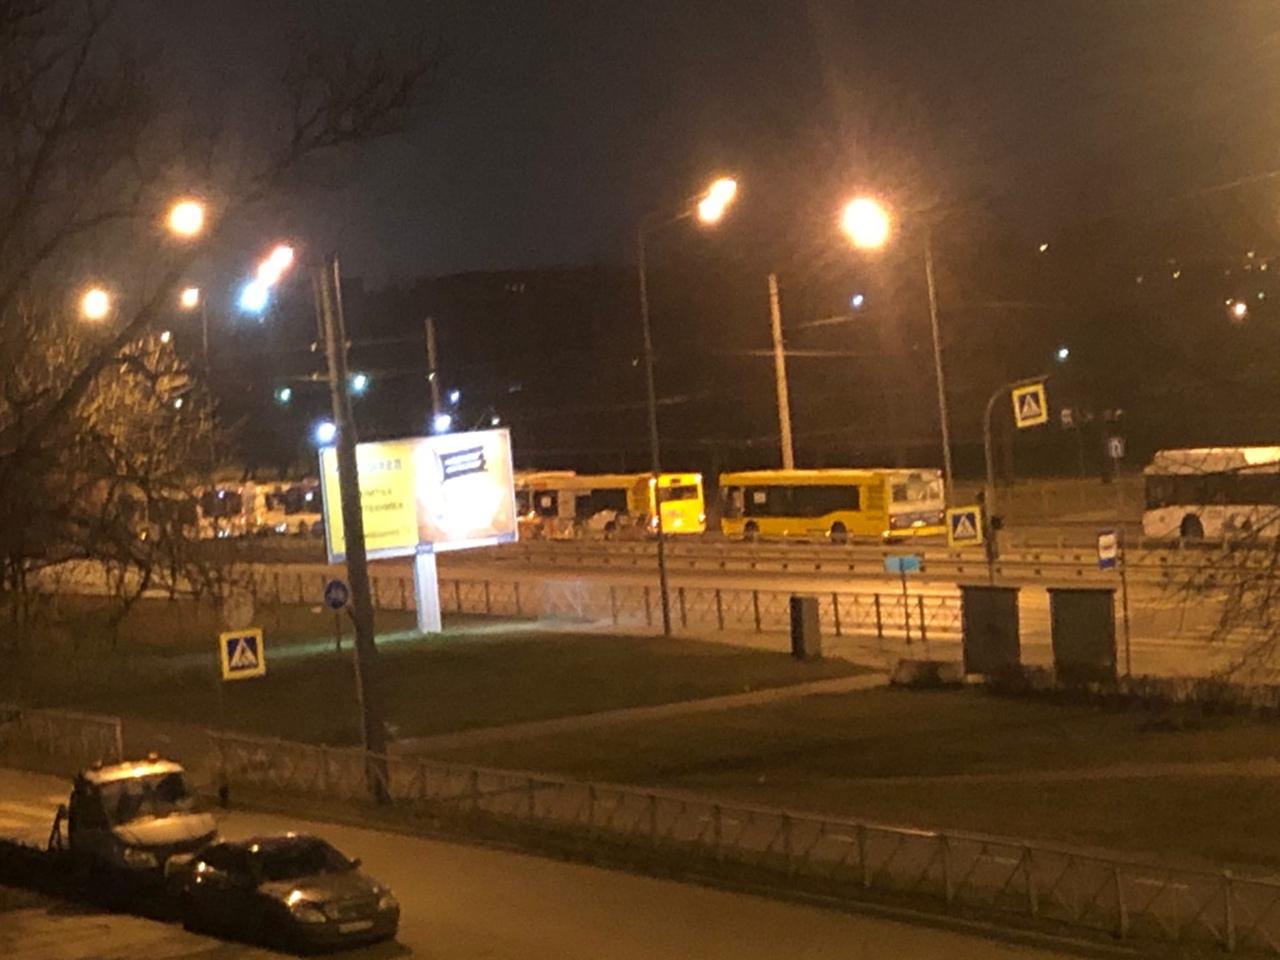 Скопление автобусов на Руставели, в сторону Науки,автобусами полностью перекрыто движение, непонятно...